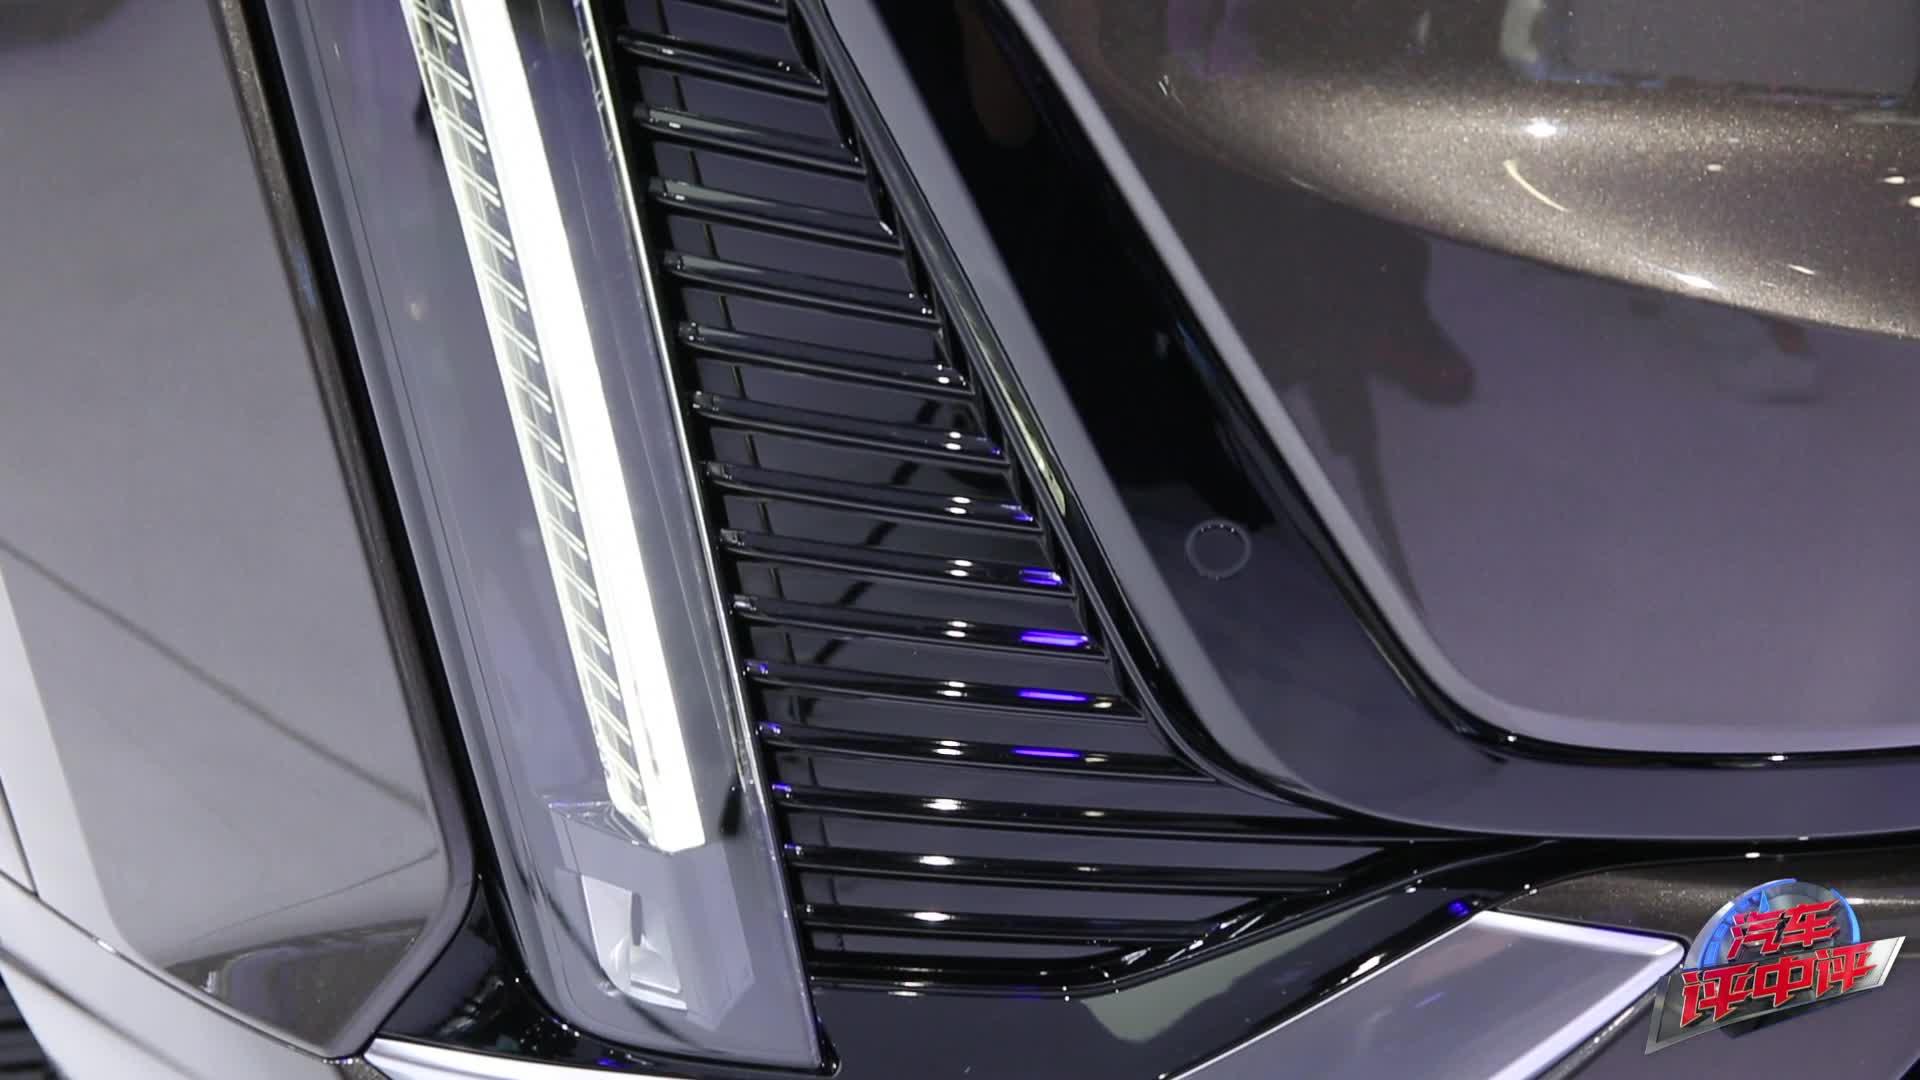 2019上海车展,凯迪拉克新推出SUV XT6,来看看它的新